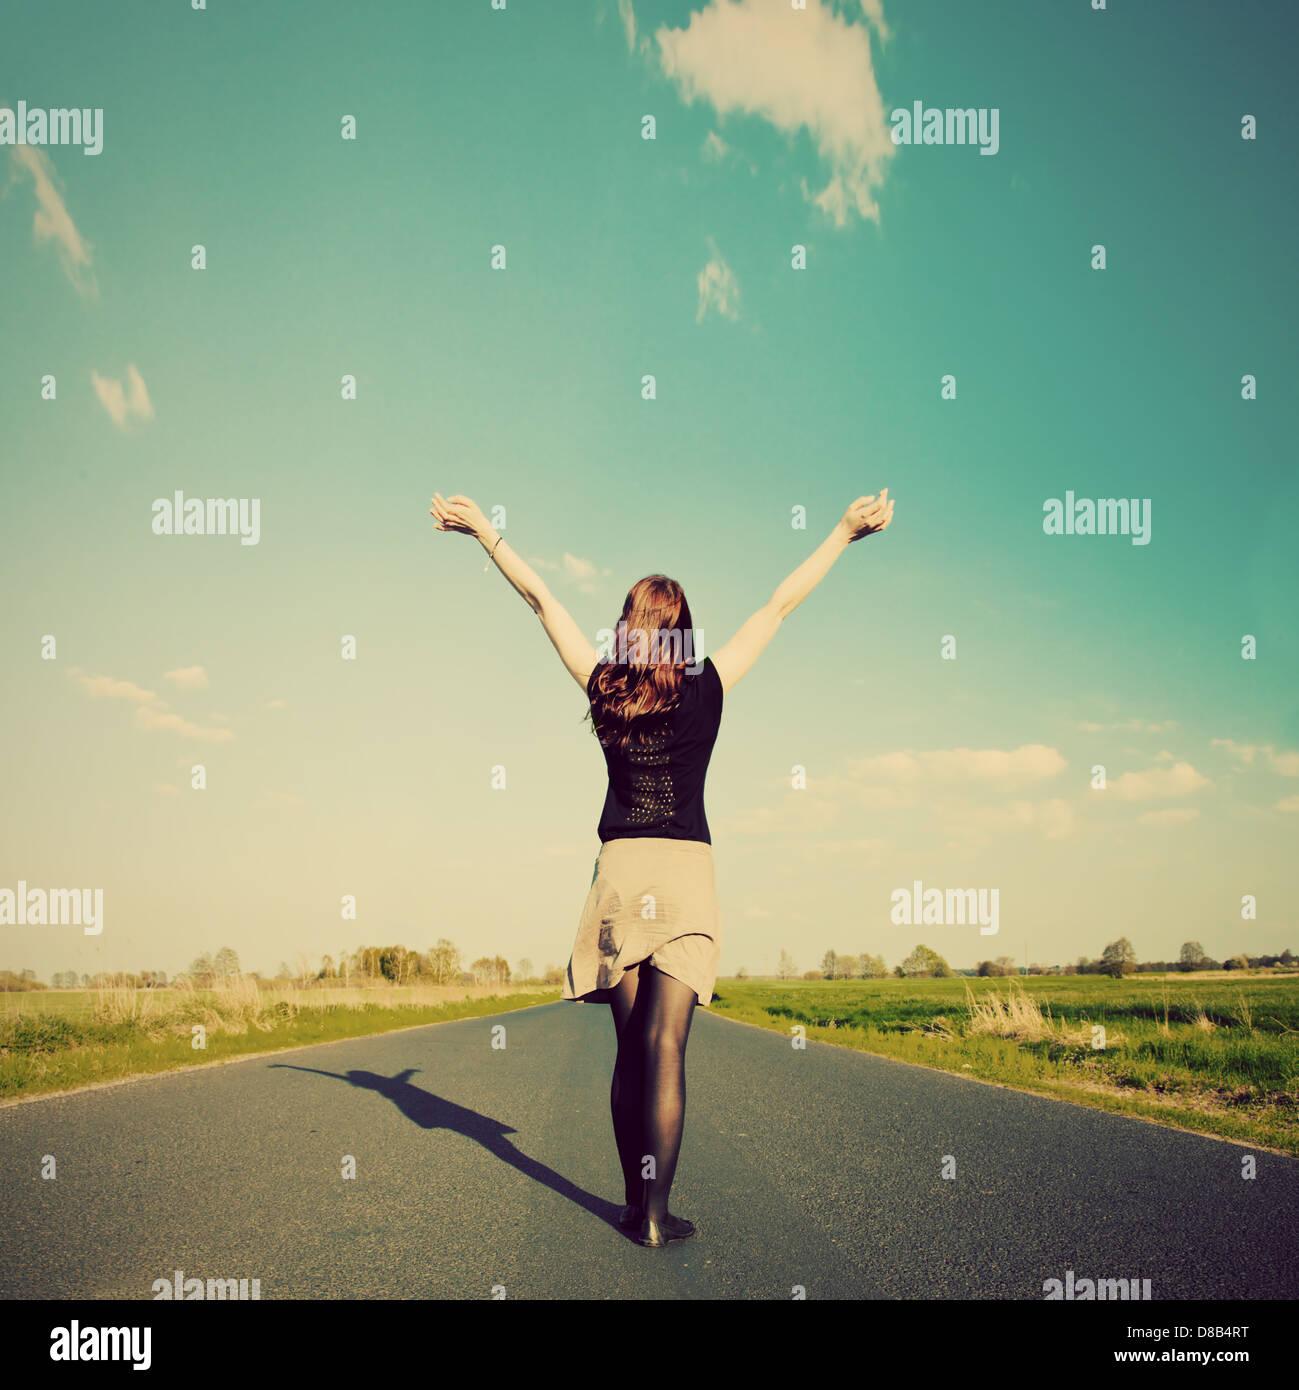 Glückliche Frau mit Händen stehend auf langen geraden Straße mit Blick auf die Sonne. Retro-Vintage Stockbild